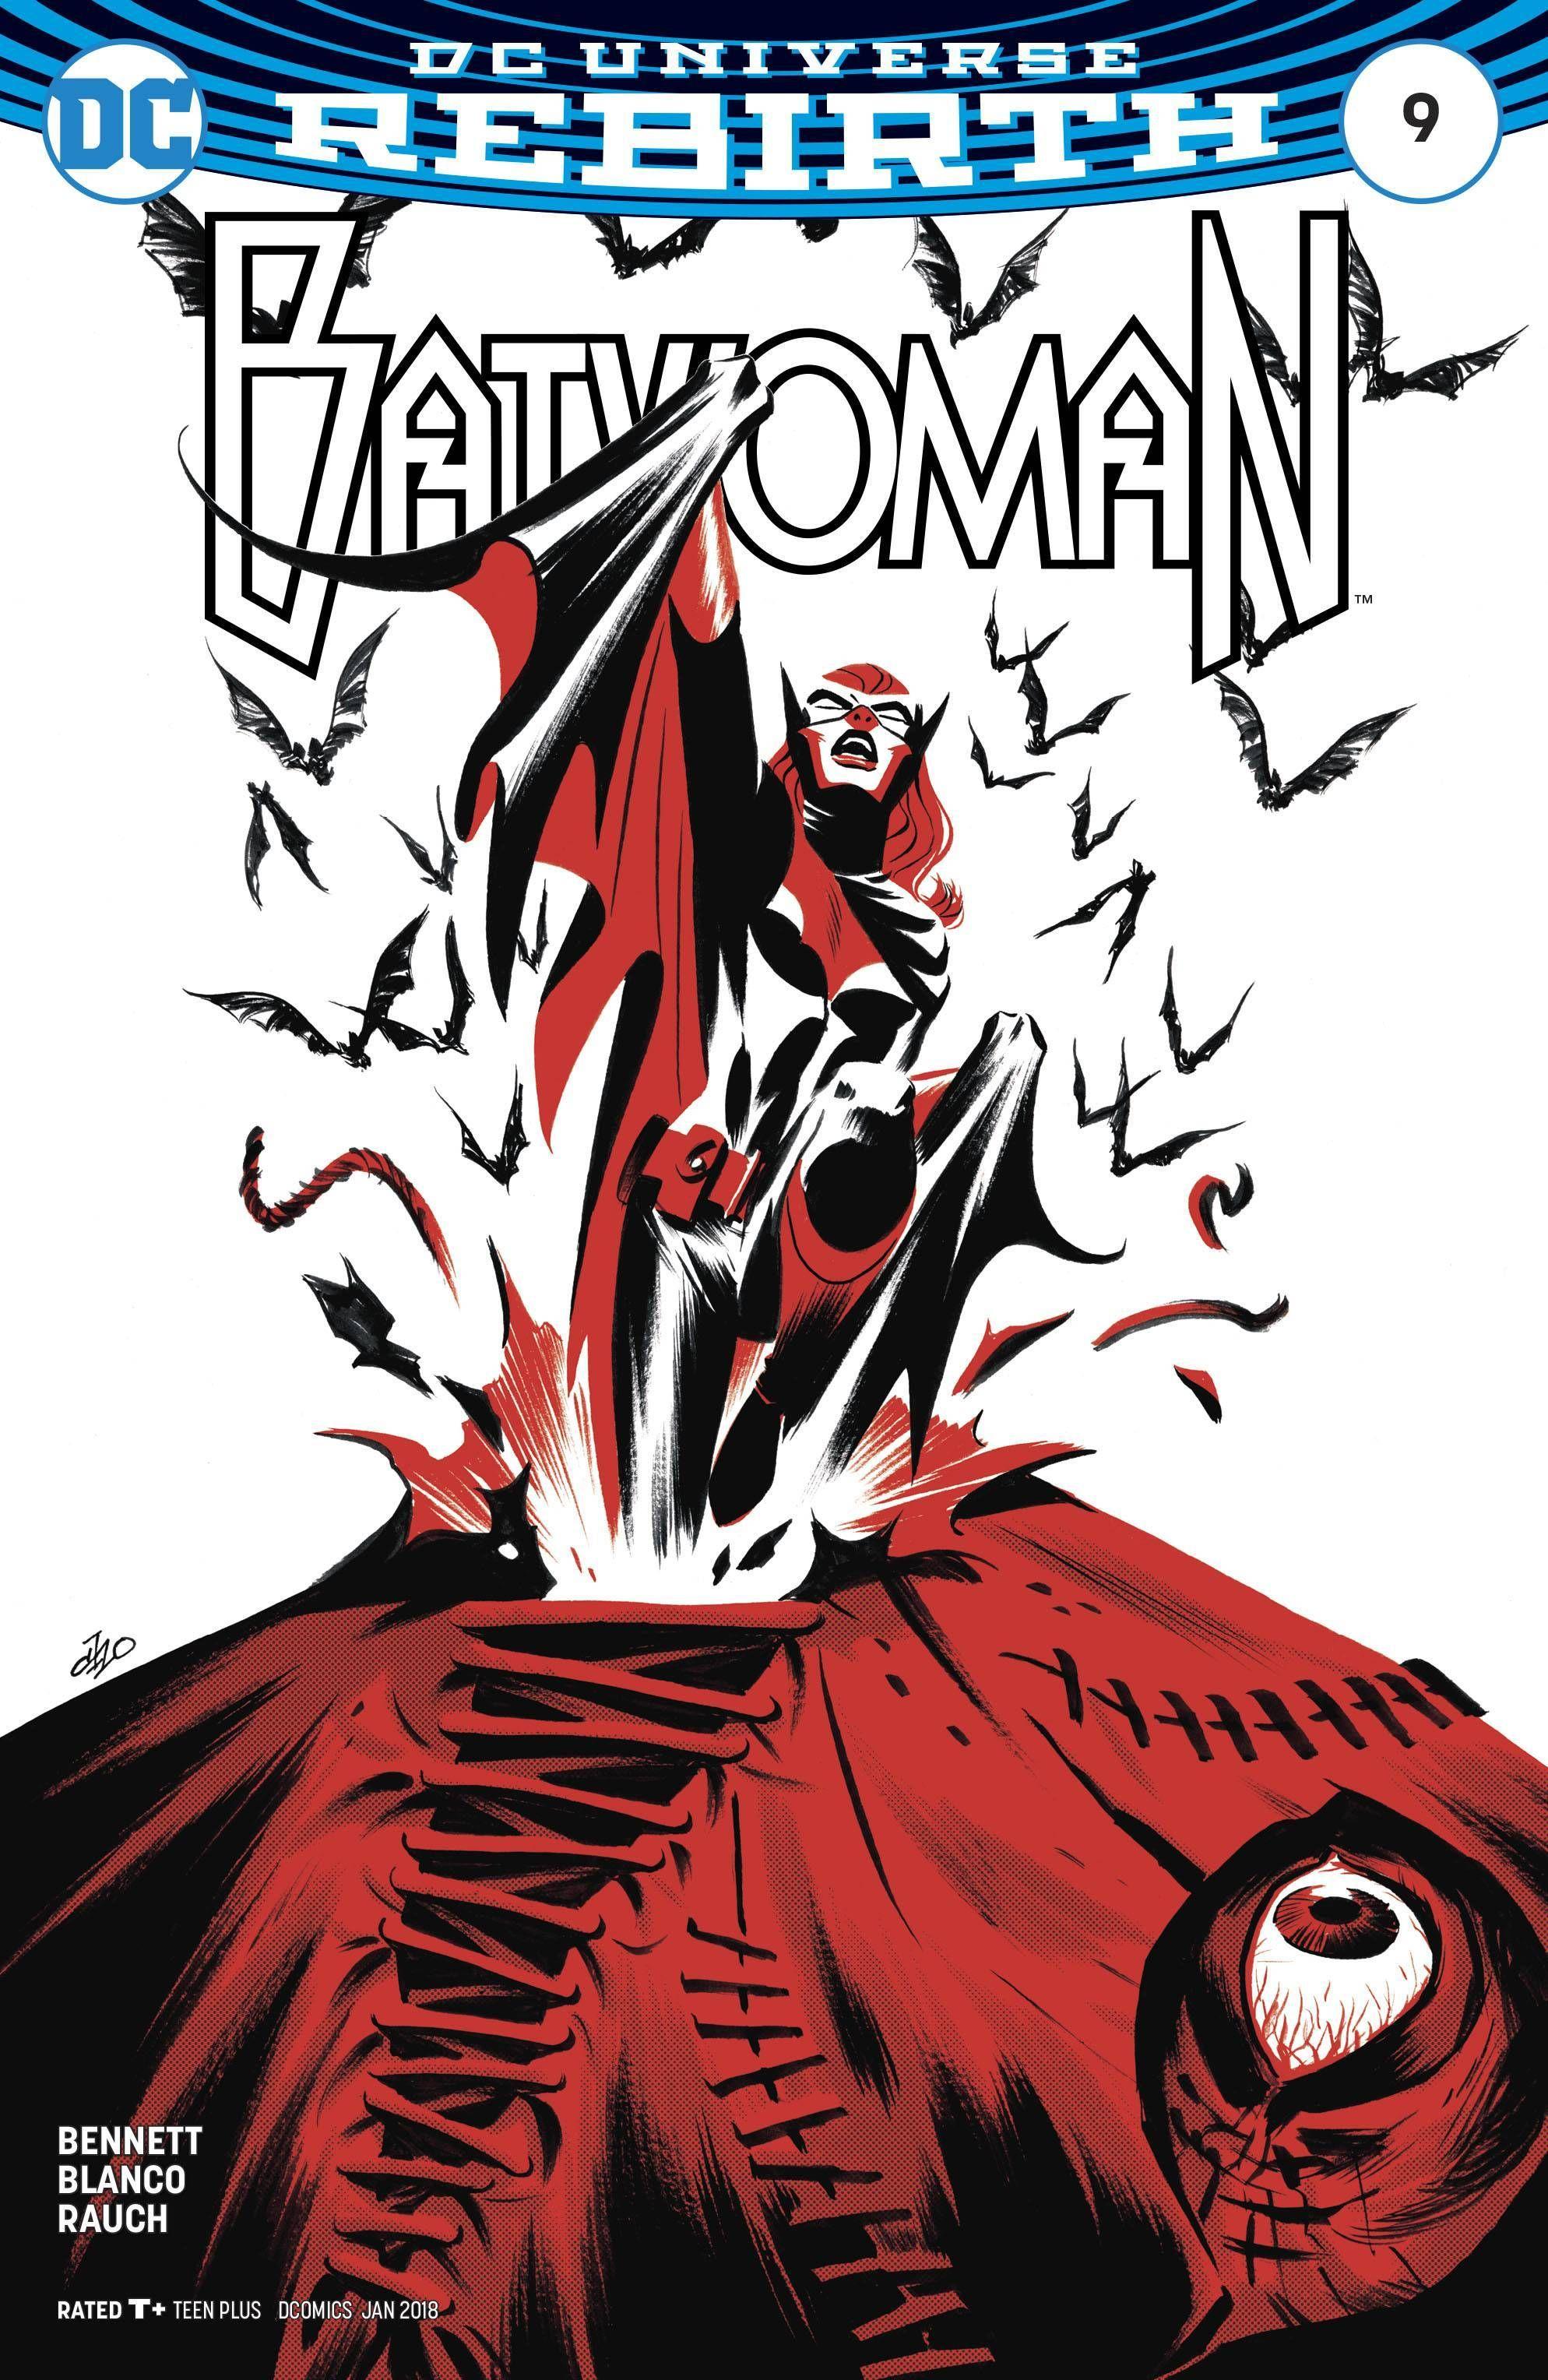 Batwoman #9 Variant DC Comics Rebirth